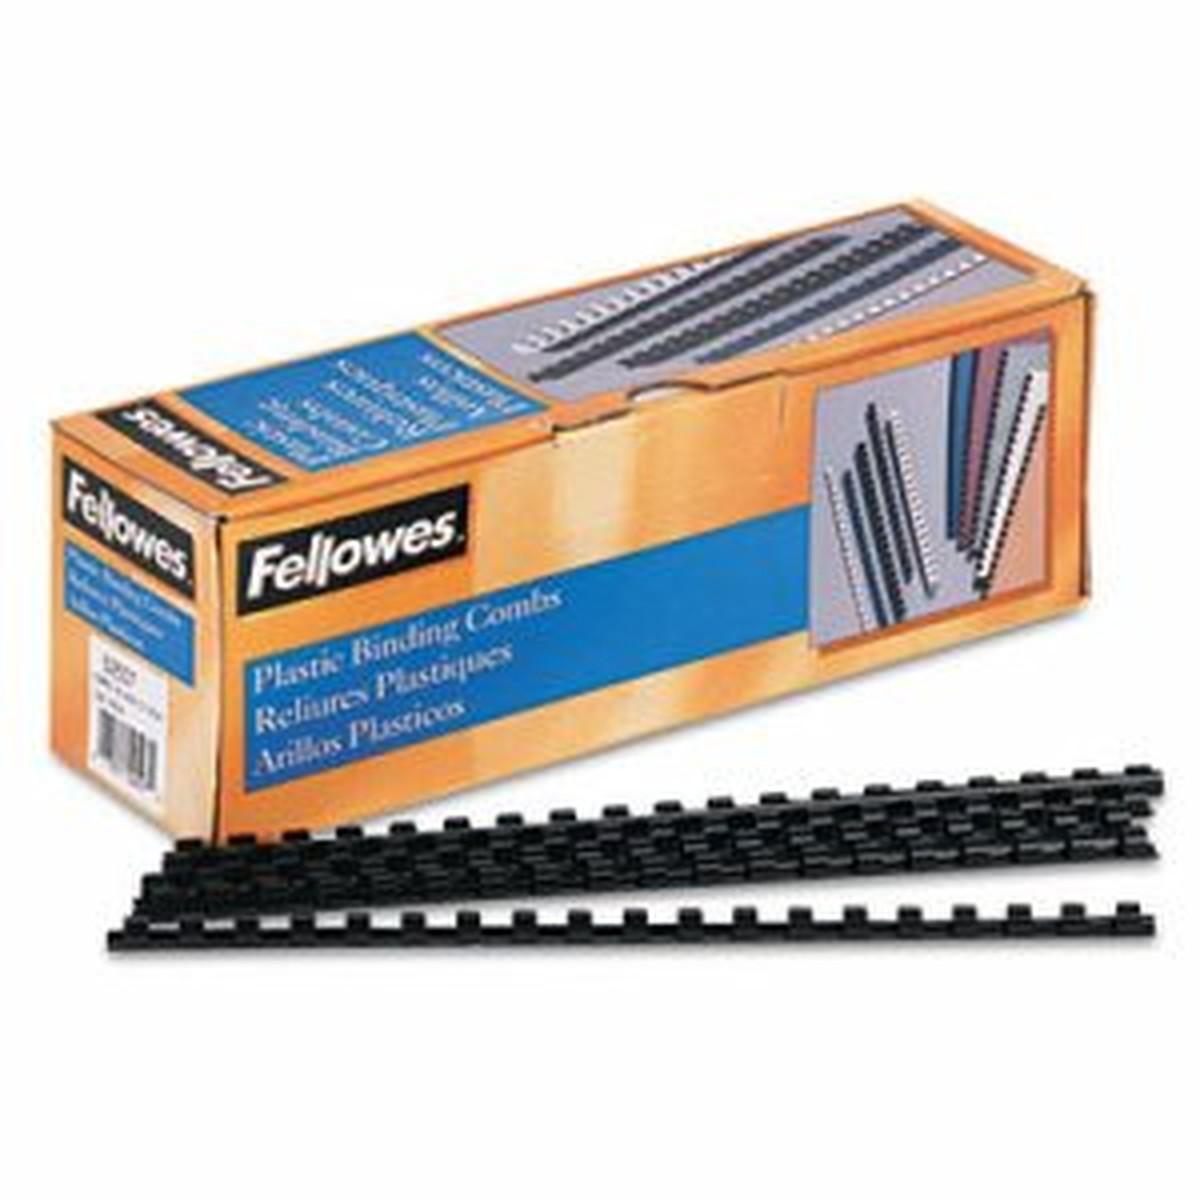 """Plastic Comb Bindings, 5/16"""" Diameter, 40 Sheet Capacity, Black, 100 Combs/Pack"""